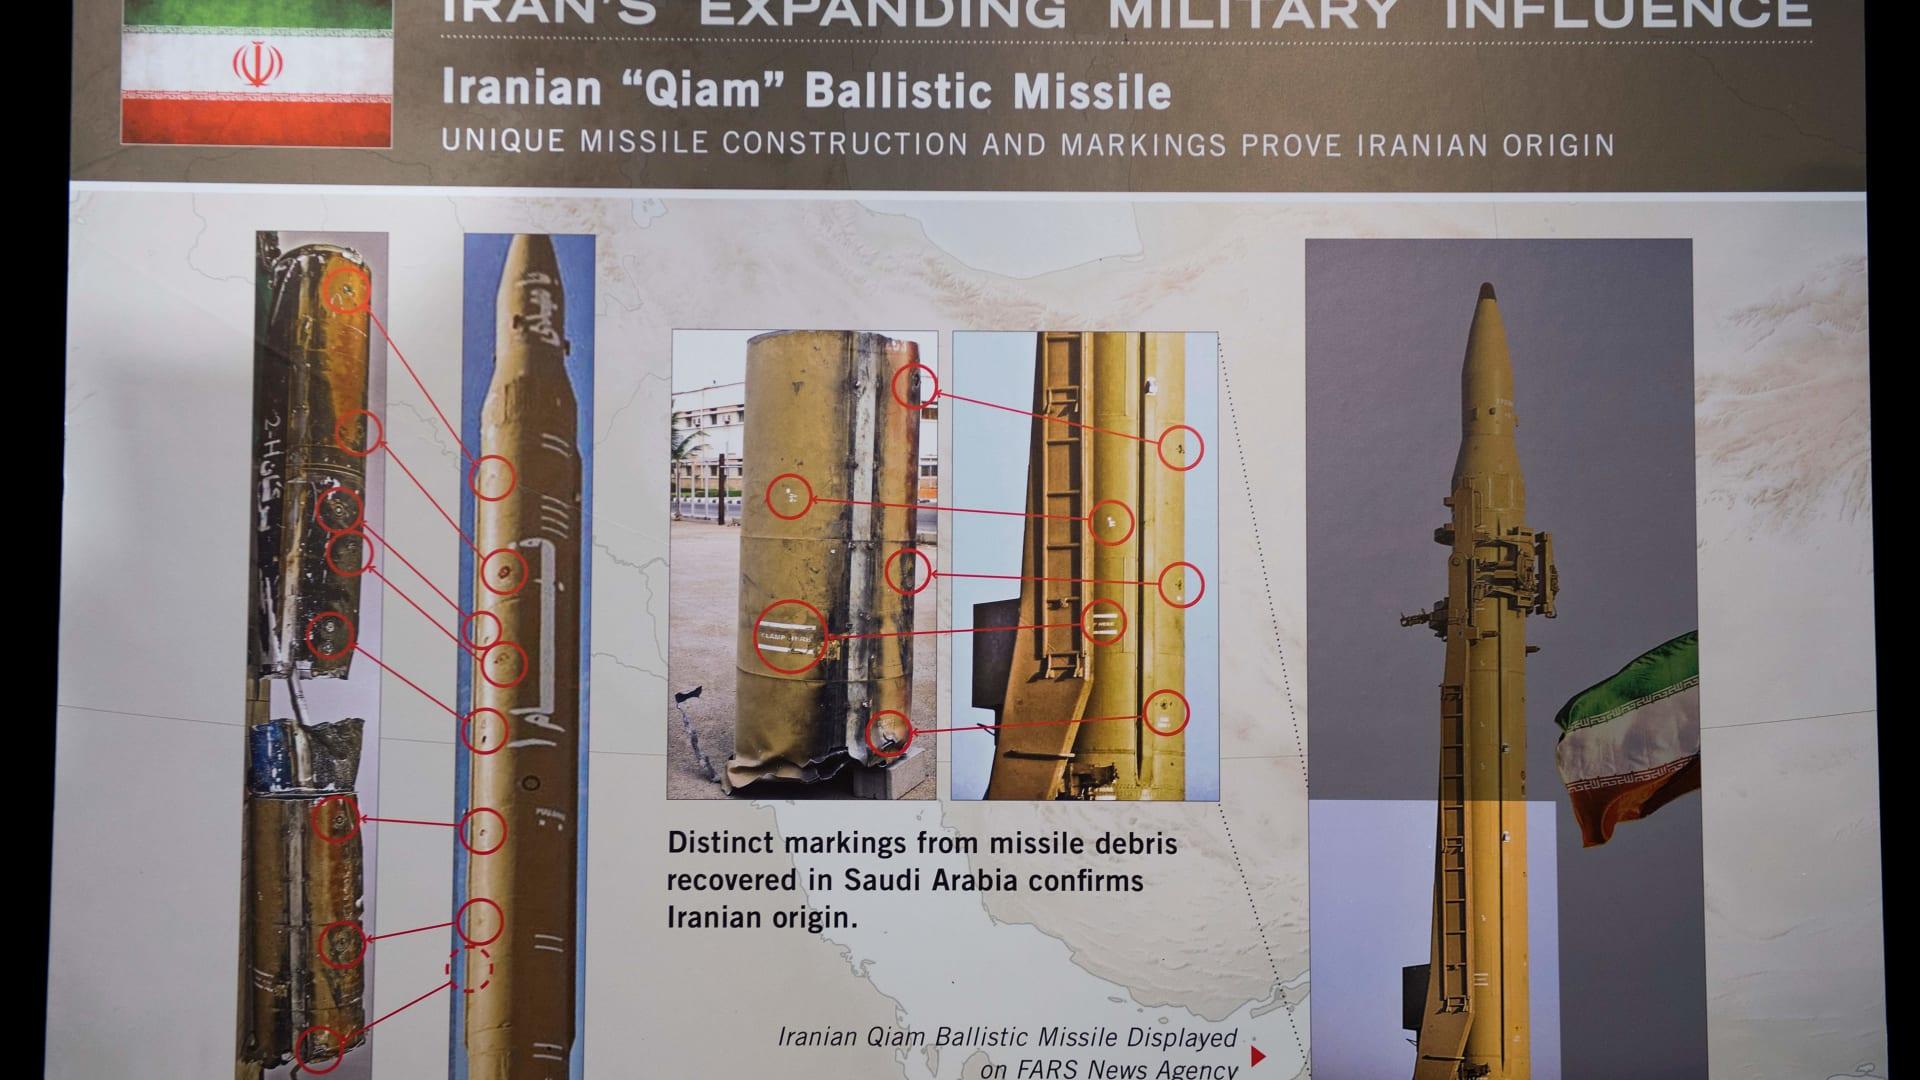 تقرير دولي: صواريخ وطائرات إيرانية للحوثيين.. والجوع يستخدم كسلاح